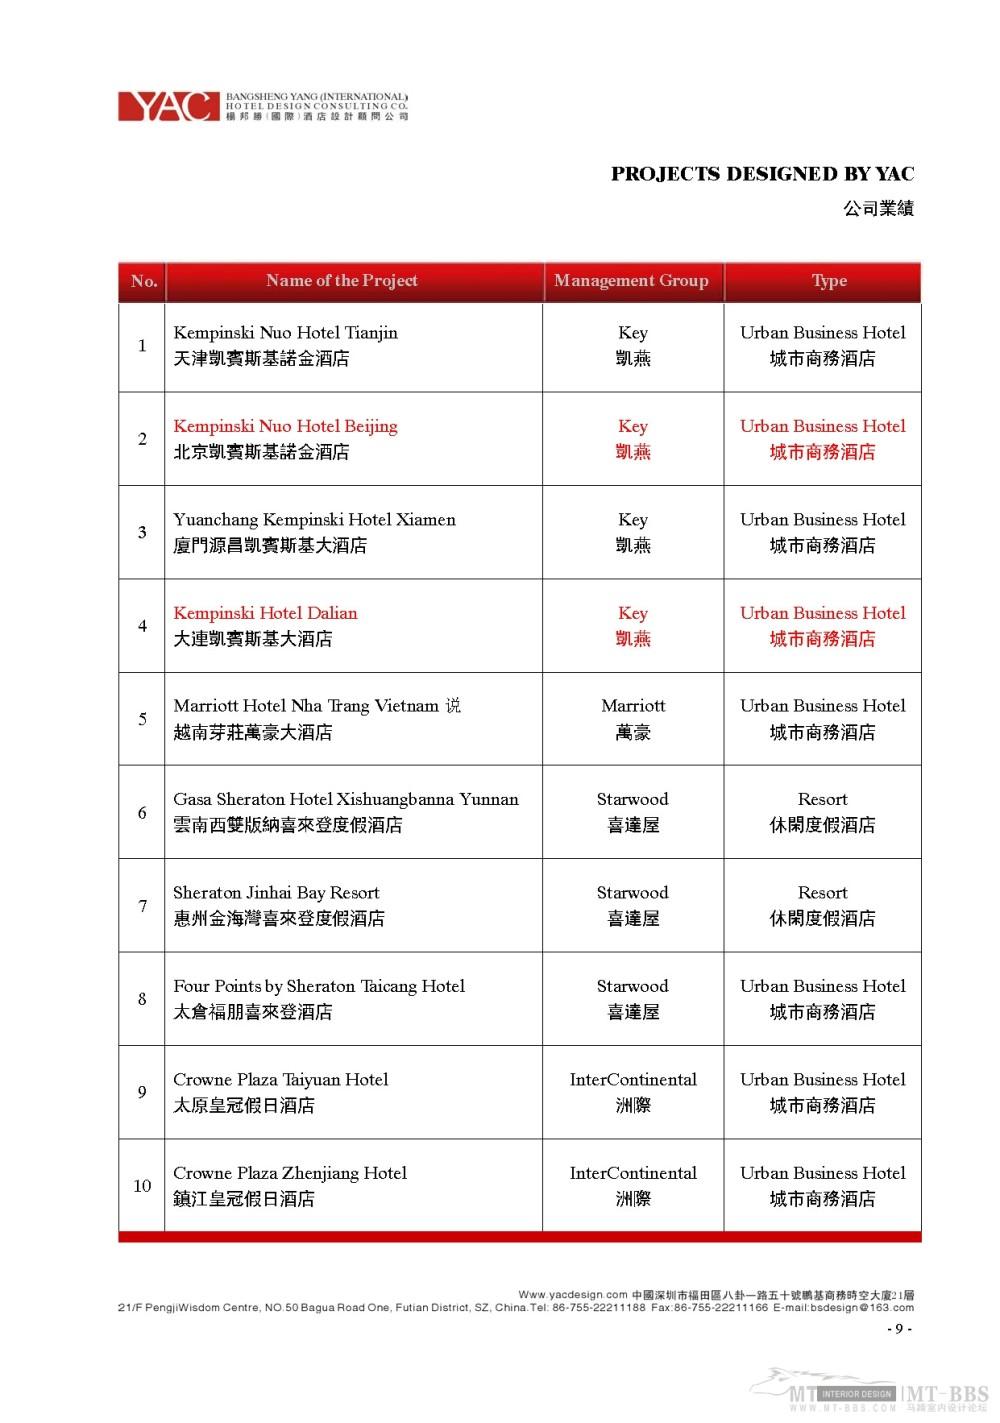 杨邦胜_2011.03.30YAC(国际)杨邦胜酒店设计顾问公司简介_页面_09.jpg